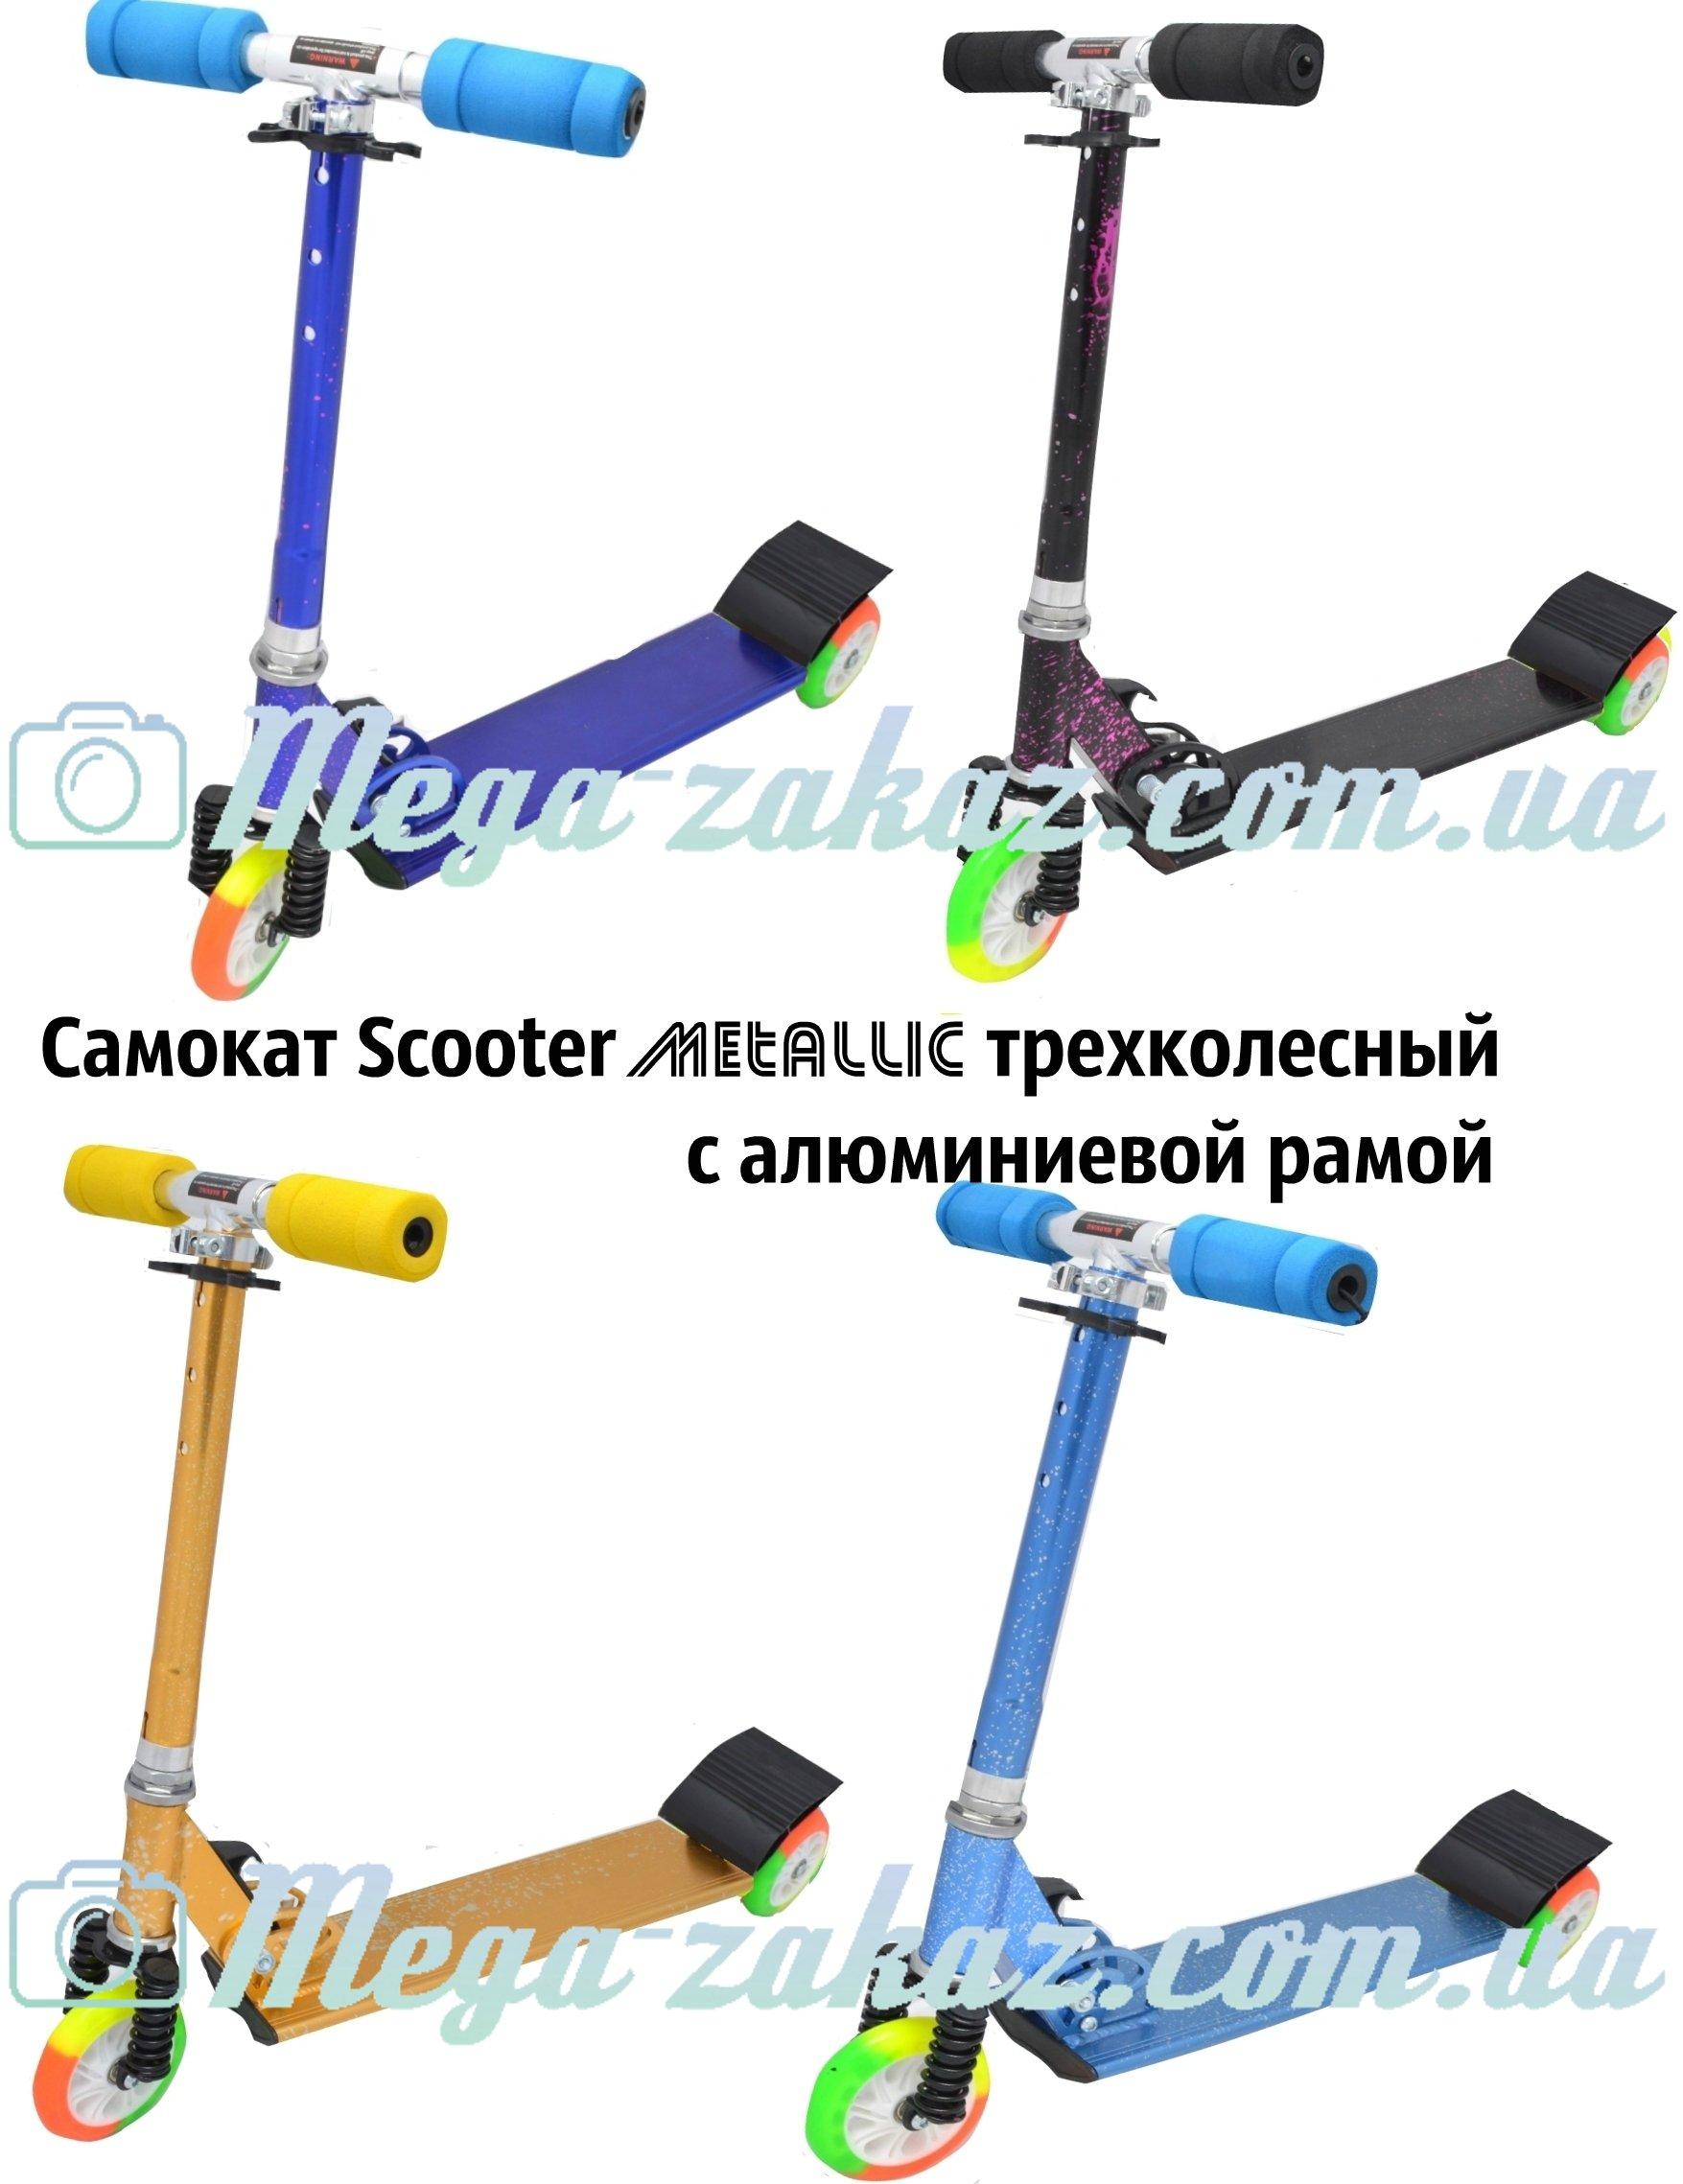 http://mega-zakaz.com.ua/images/upload/bvcbvcbZAKAZ.jpg